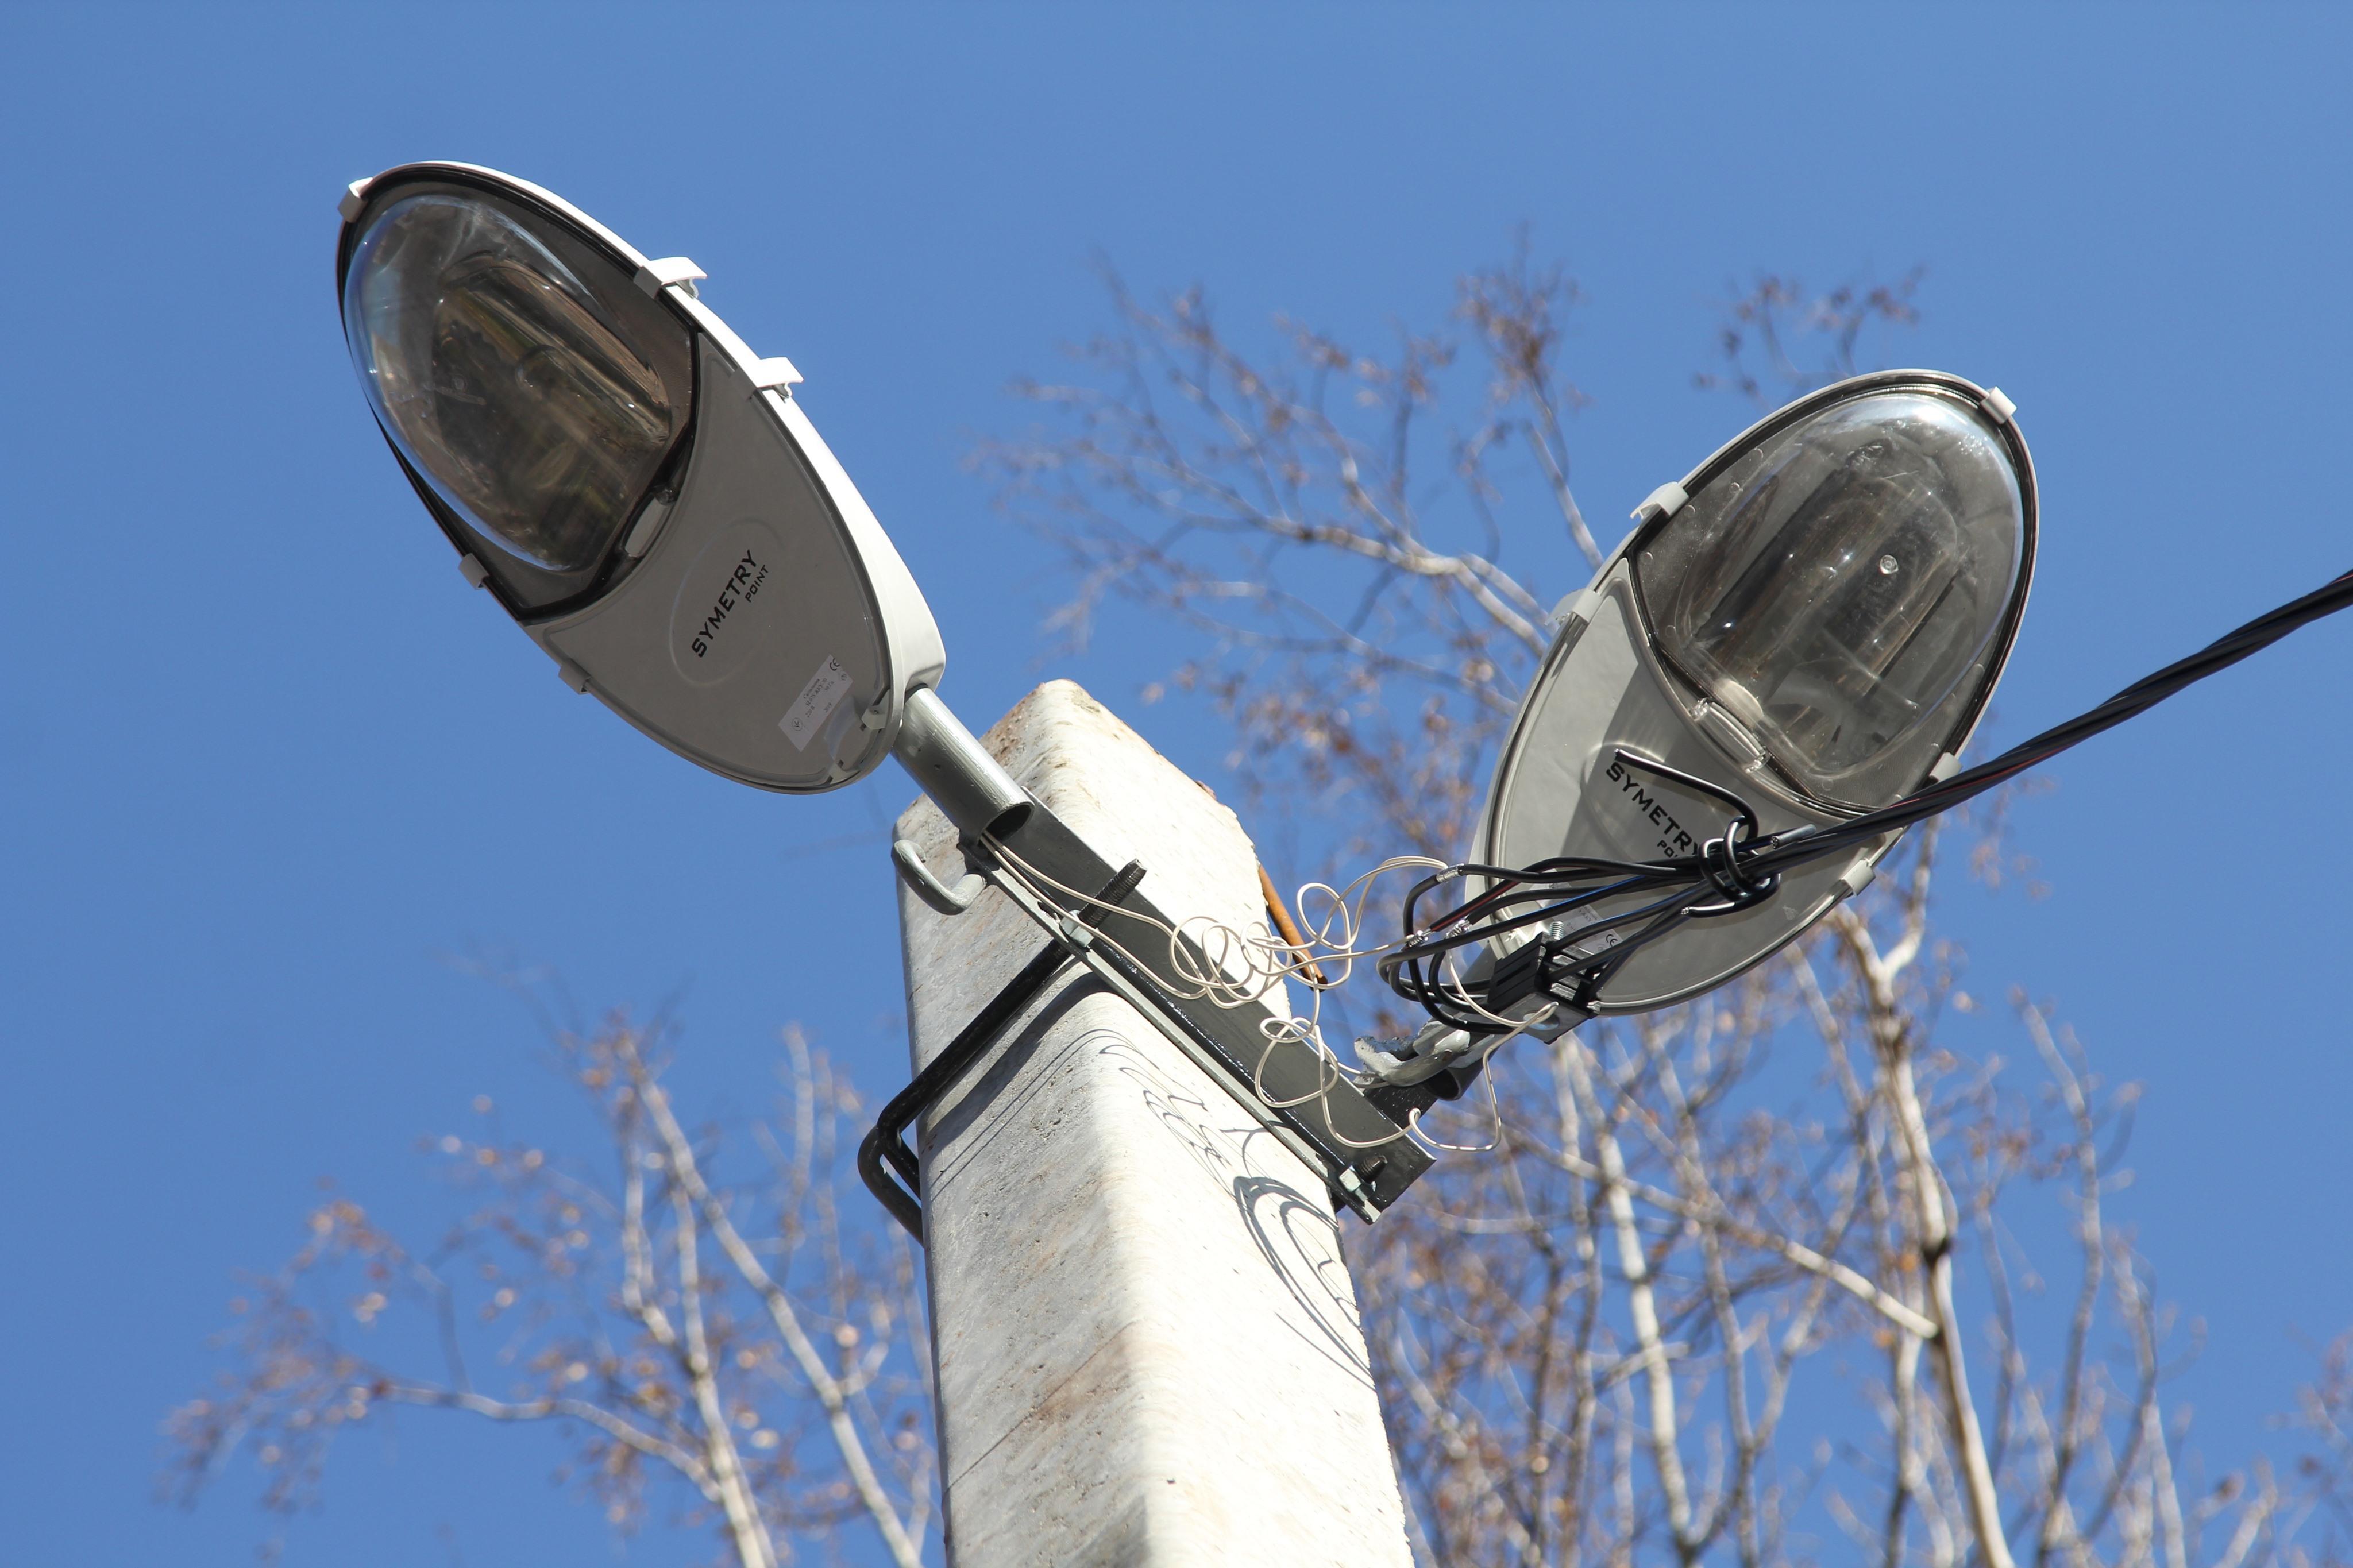 Ремонт уличного освещения в Днепре: где проходят работы. Новости Днепра